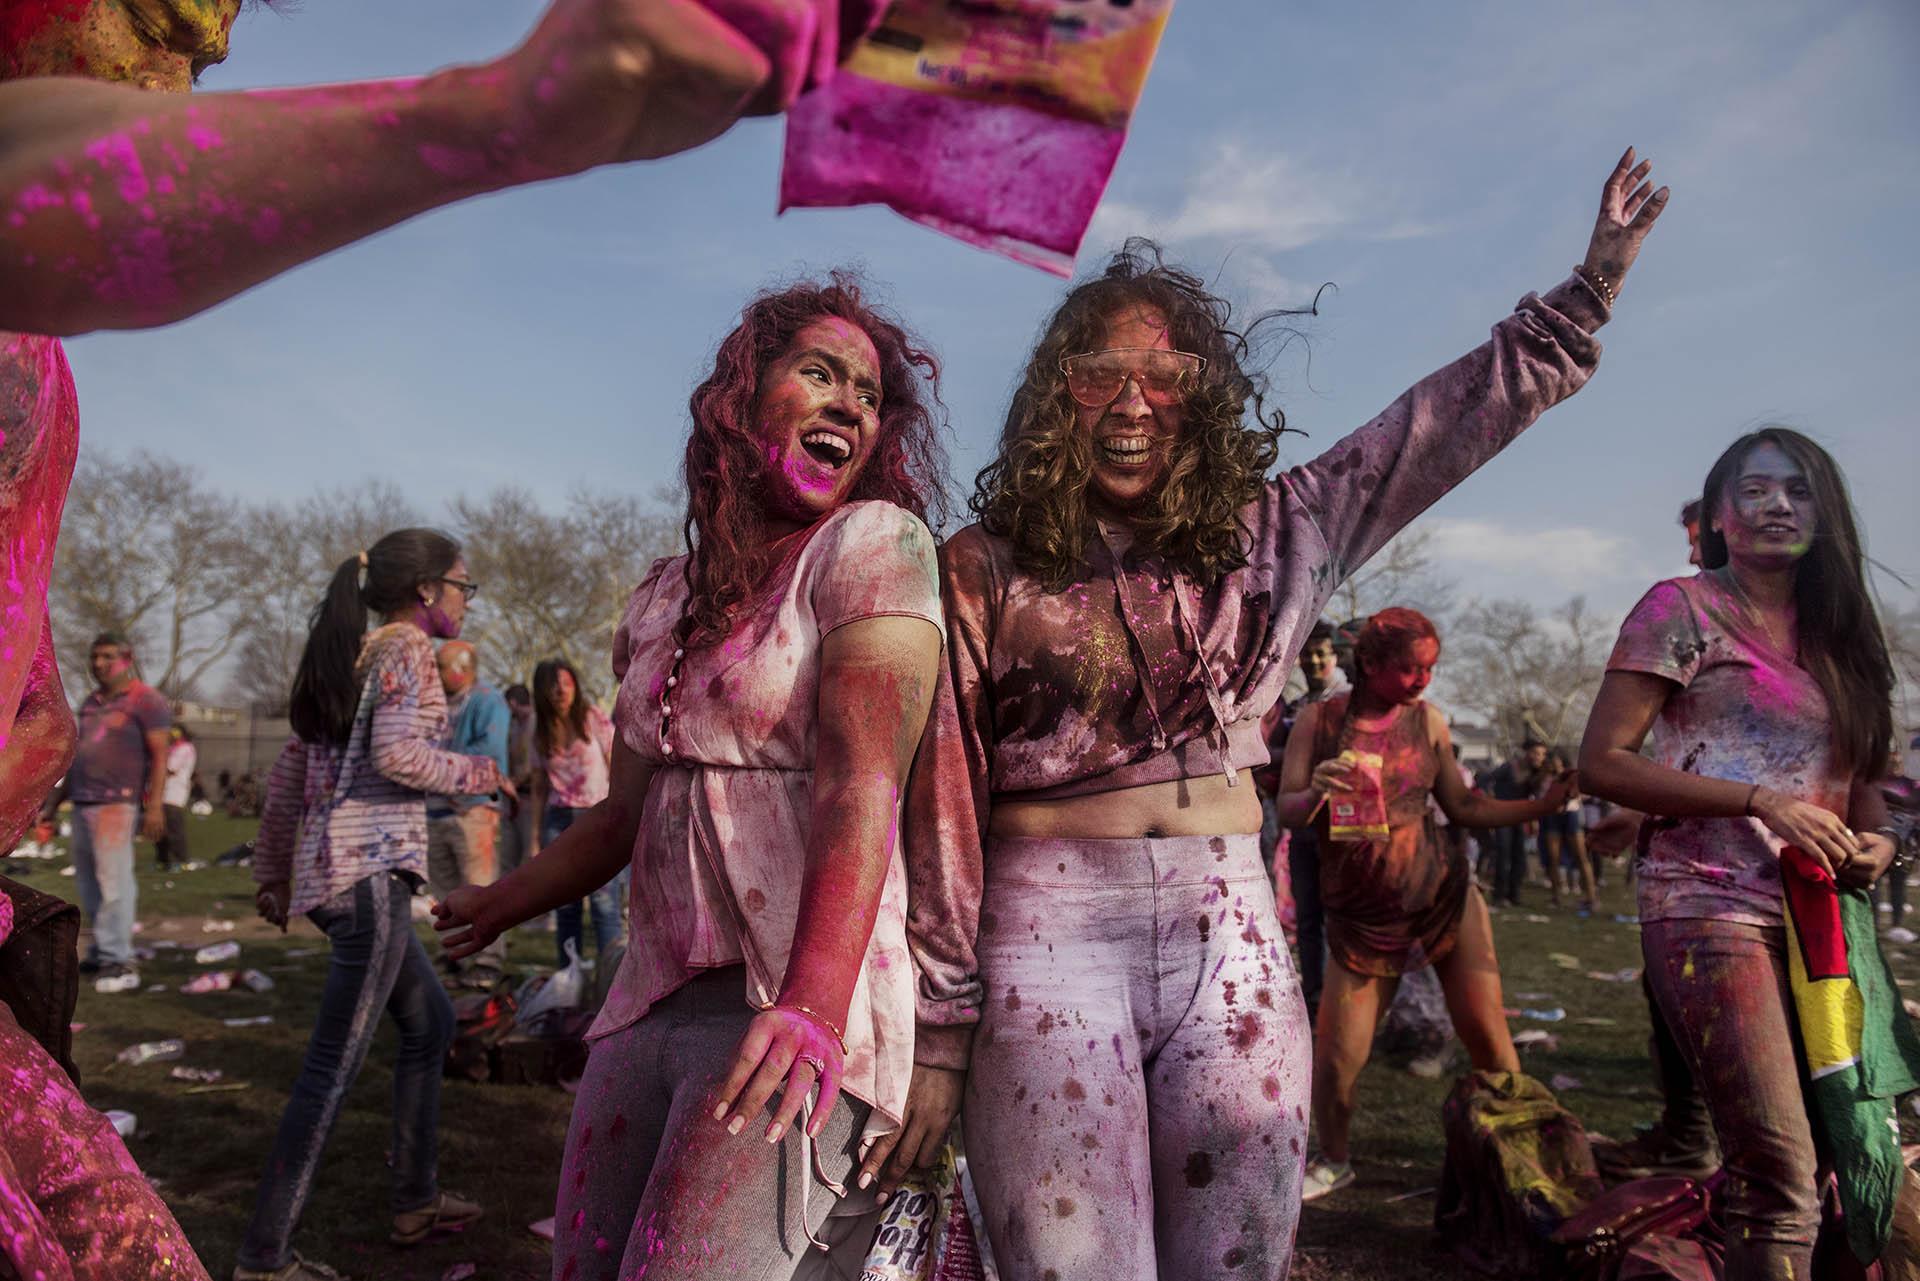 La muestra contará con más de 60 imágenes que representan a mujeres de más de 30 países. En la imagen, dos mujeres se divierten en una celebración Holi en Richmond Hill, un barrio de Queens, Nueva York. Ismail Ferdous, 2018